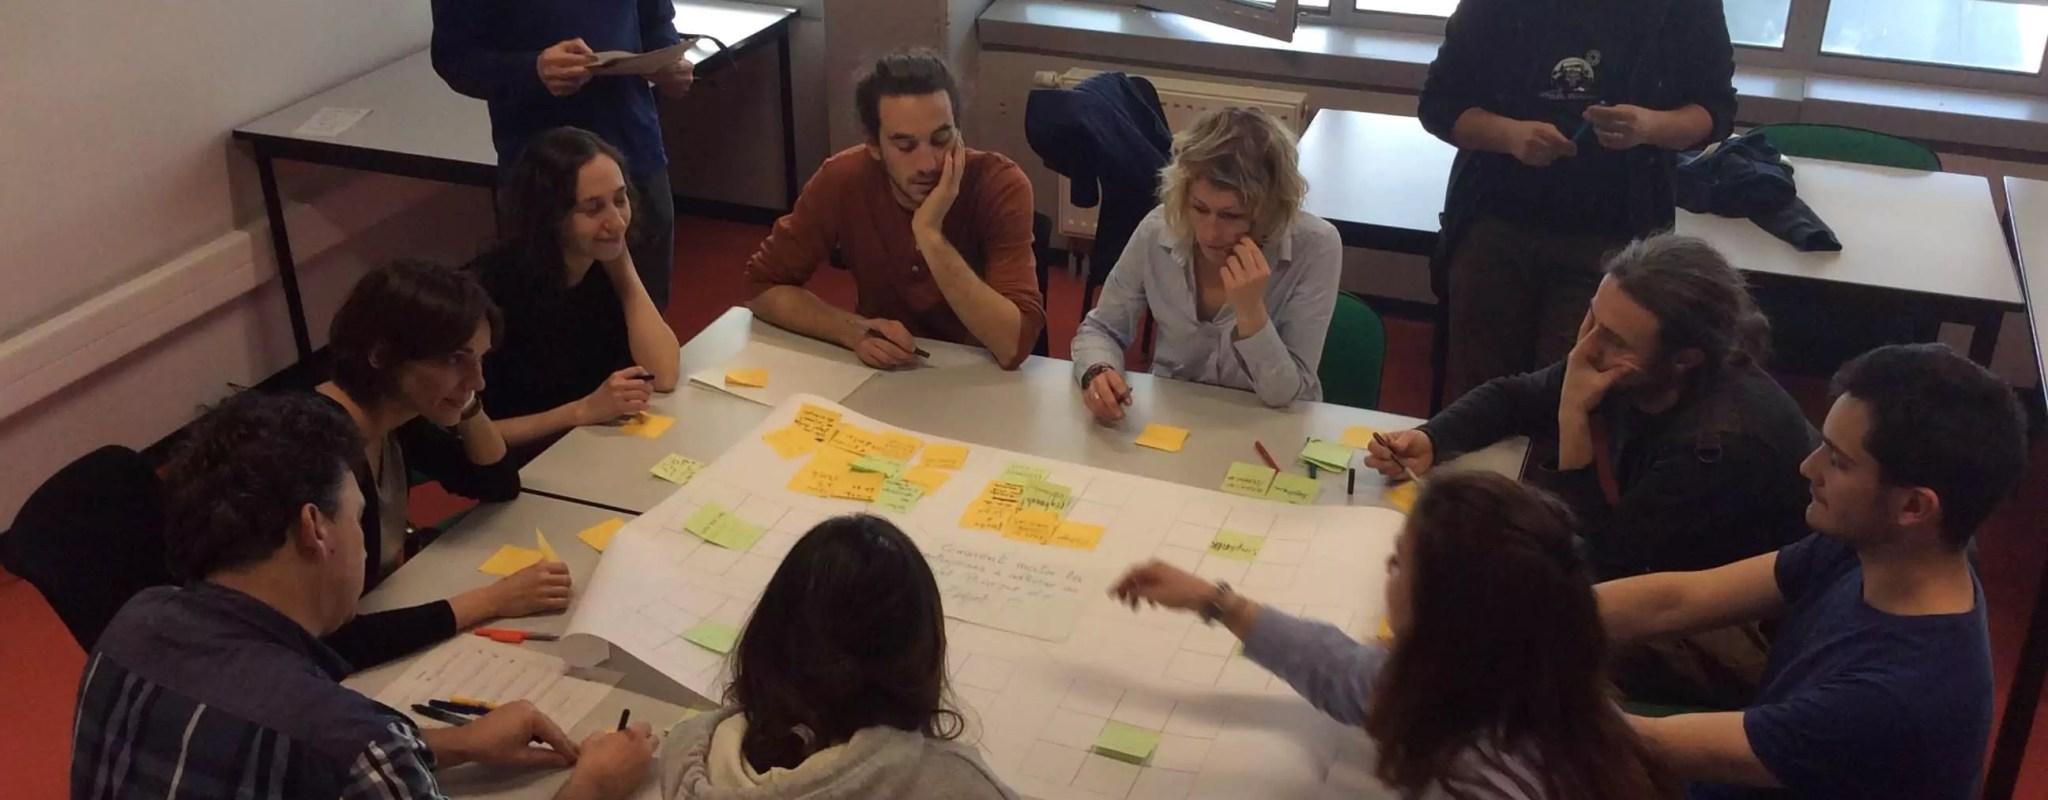 En deux ans, Start Up de Territoire veut accompagner 20 projets et créer 200 emplois en Alsace